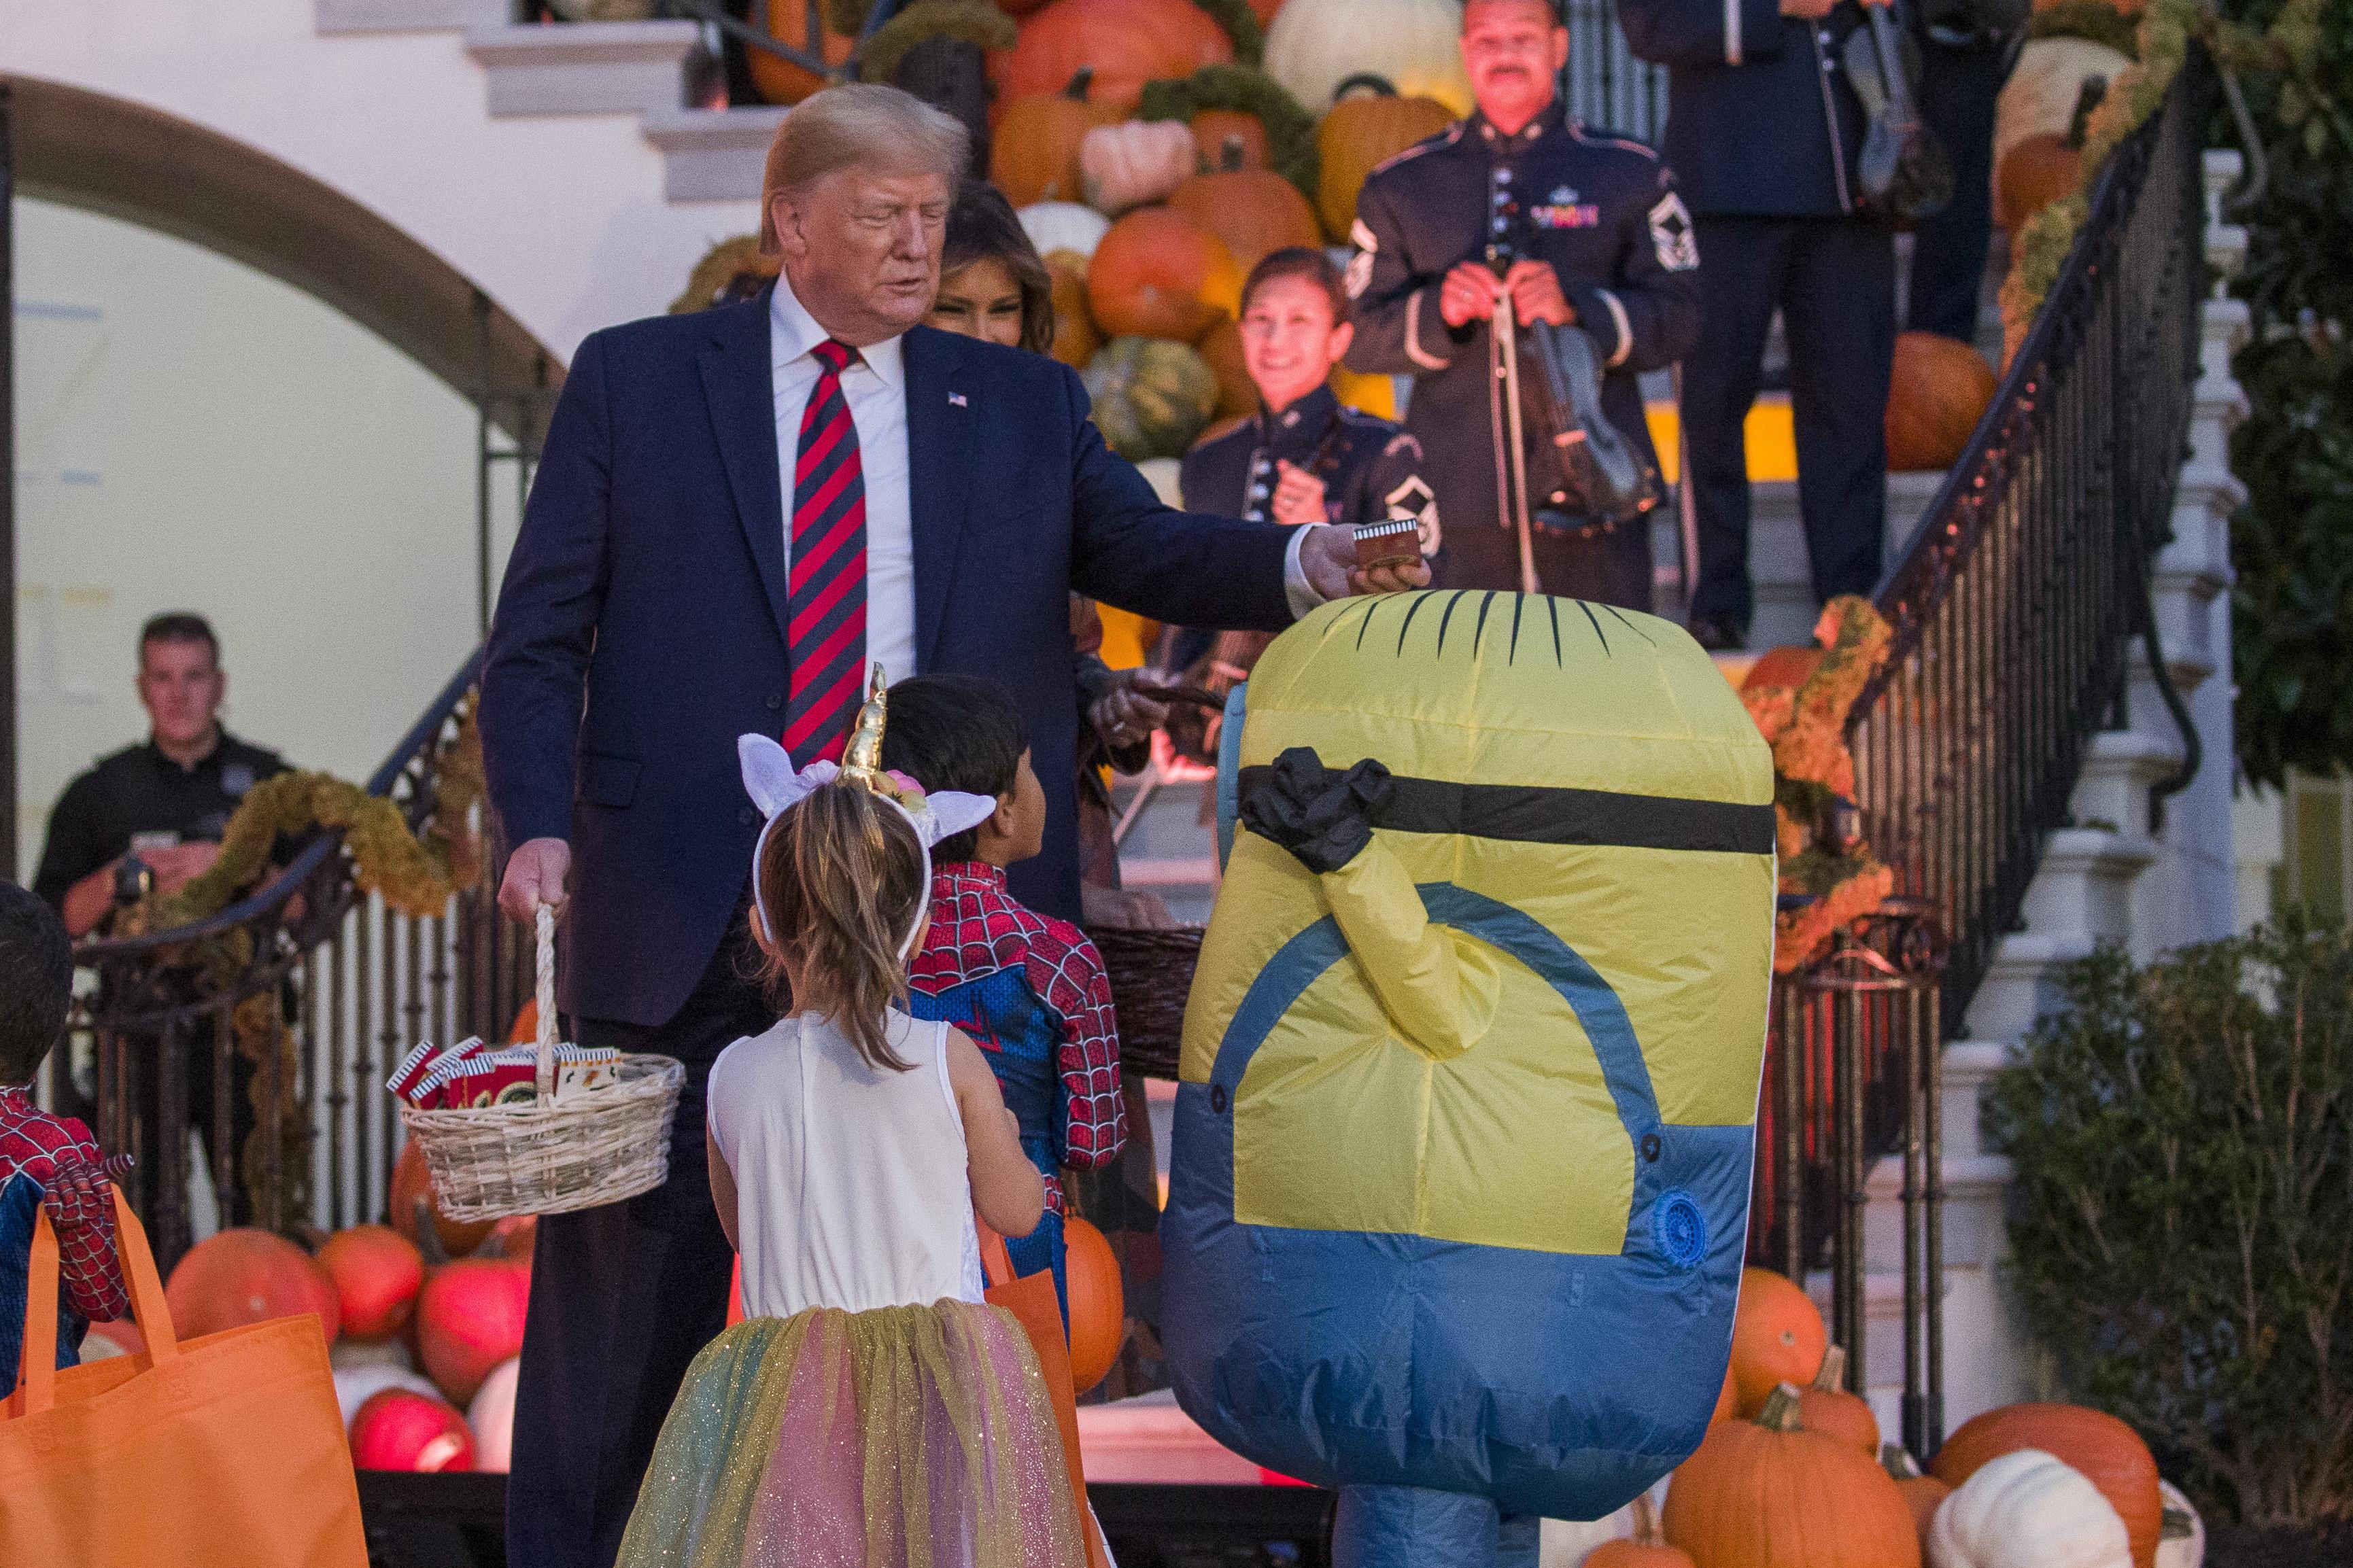 La Casa Blanca realizará evento de Halloween pese al COVID-19